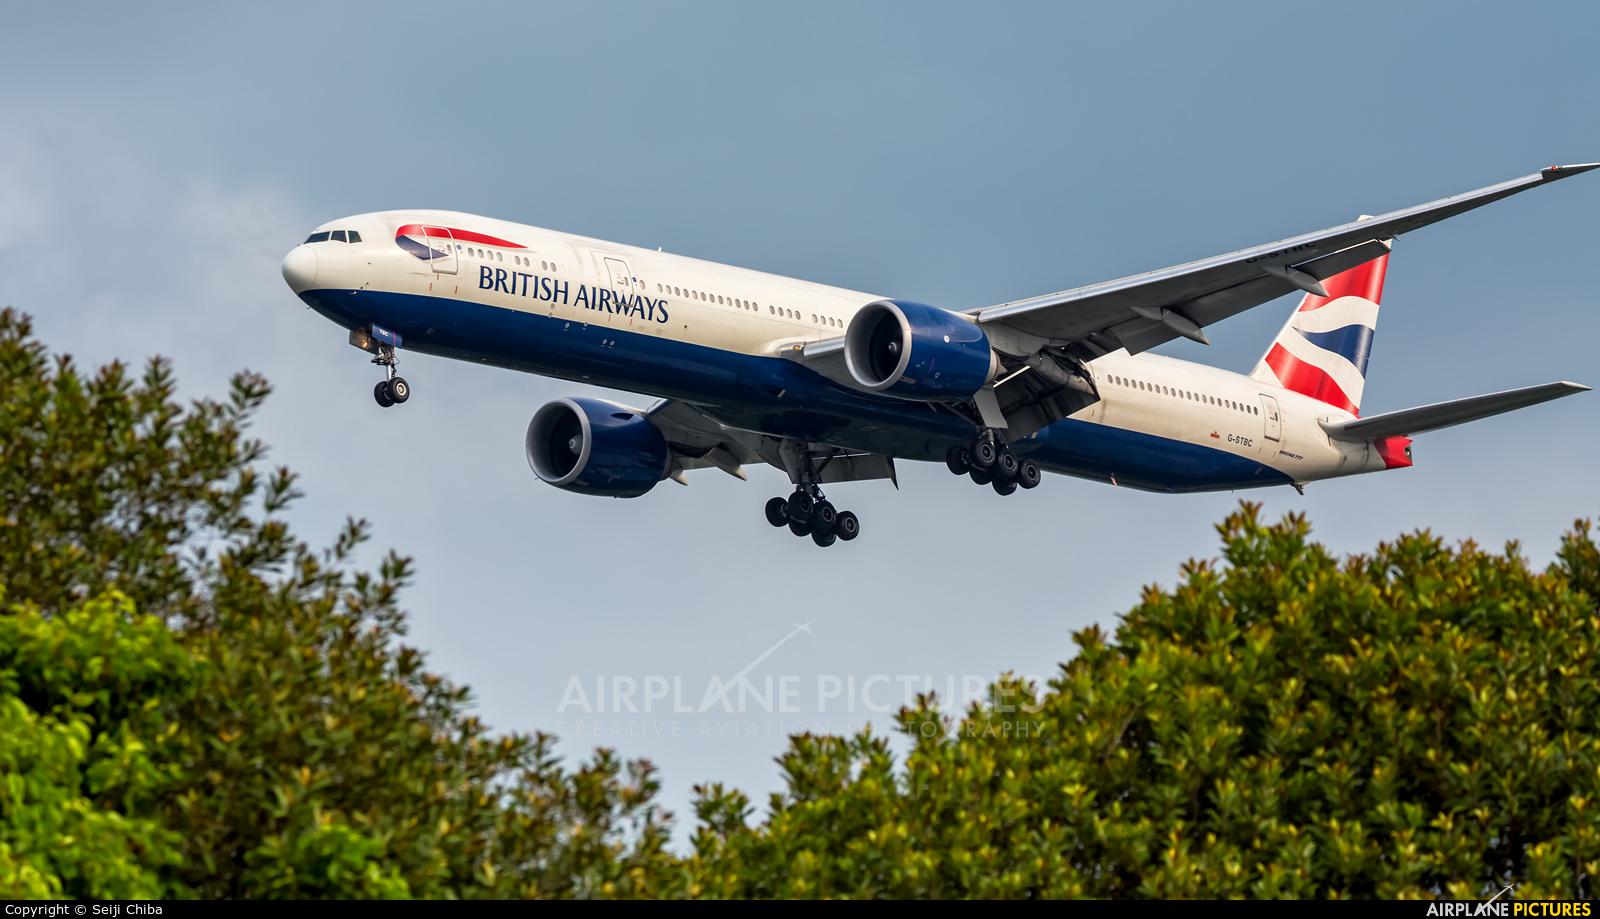 British Airways G-STBC aircraft at Singapore - Changi